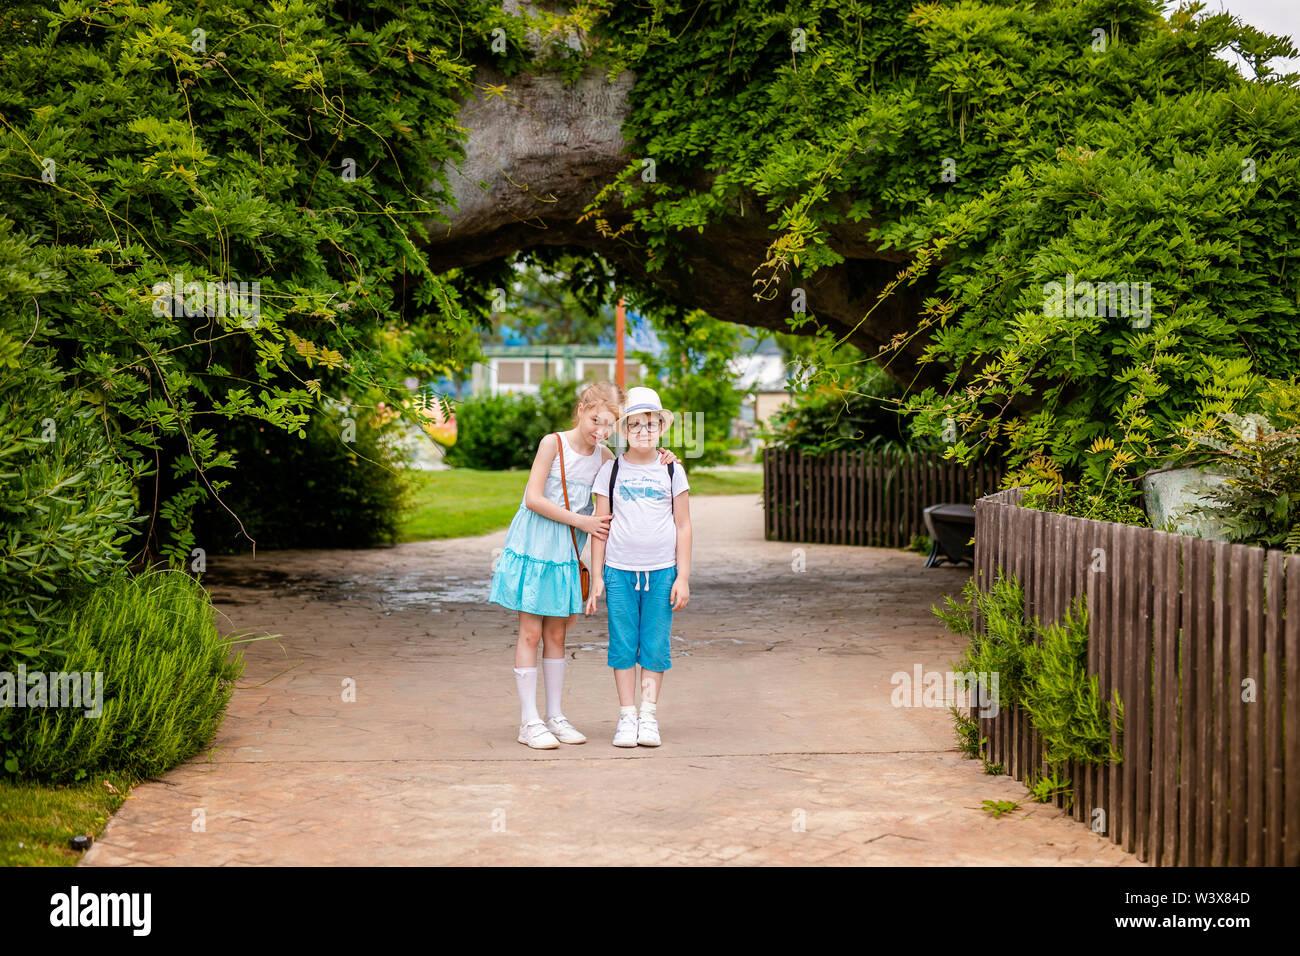 Chica rubia y jengibre enterteiment boy en el parque. Rusia, Sochi, Sochi-park, junio de 2018. Imagen De Stock